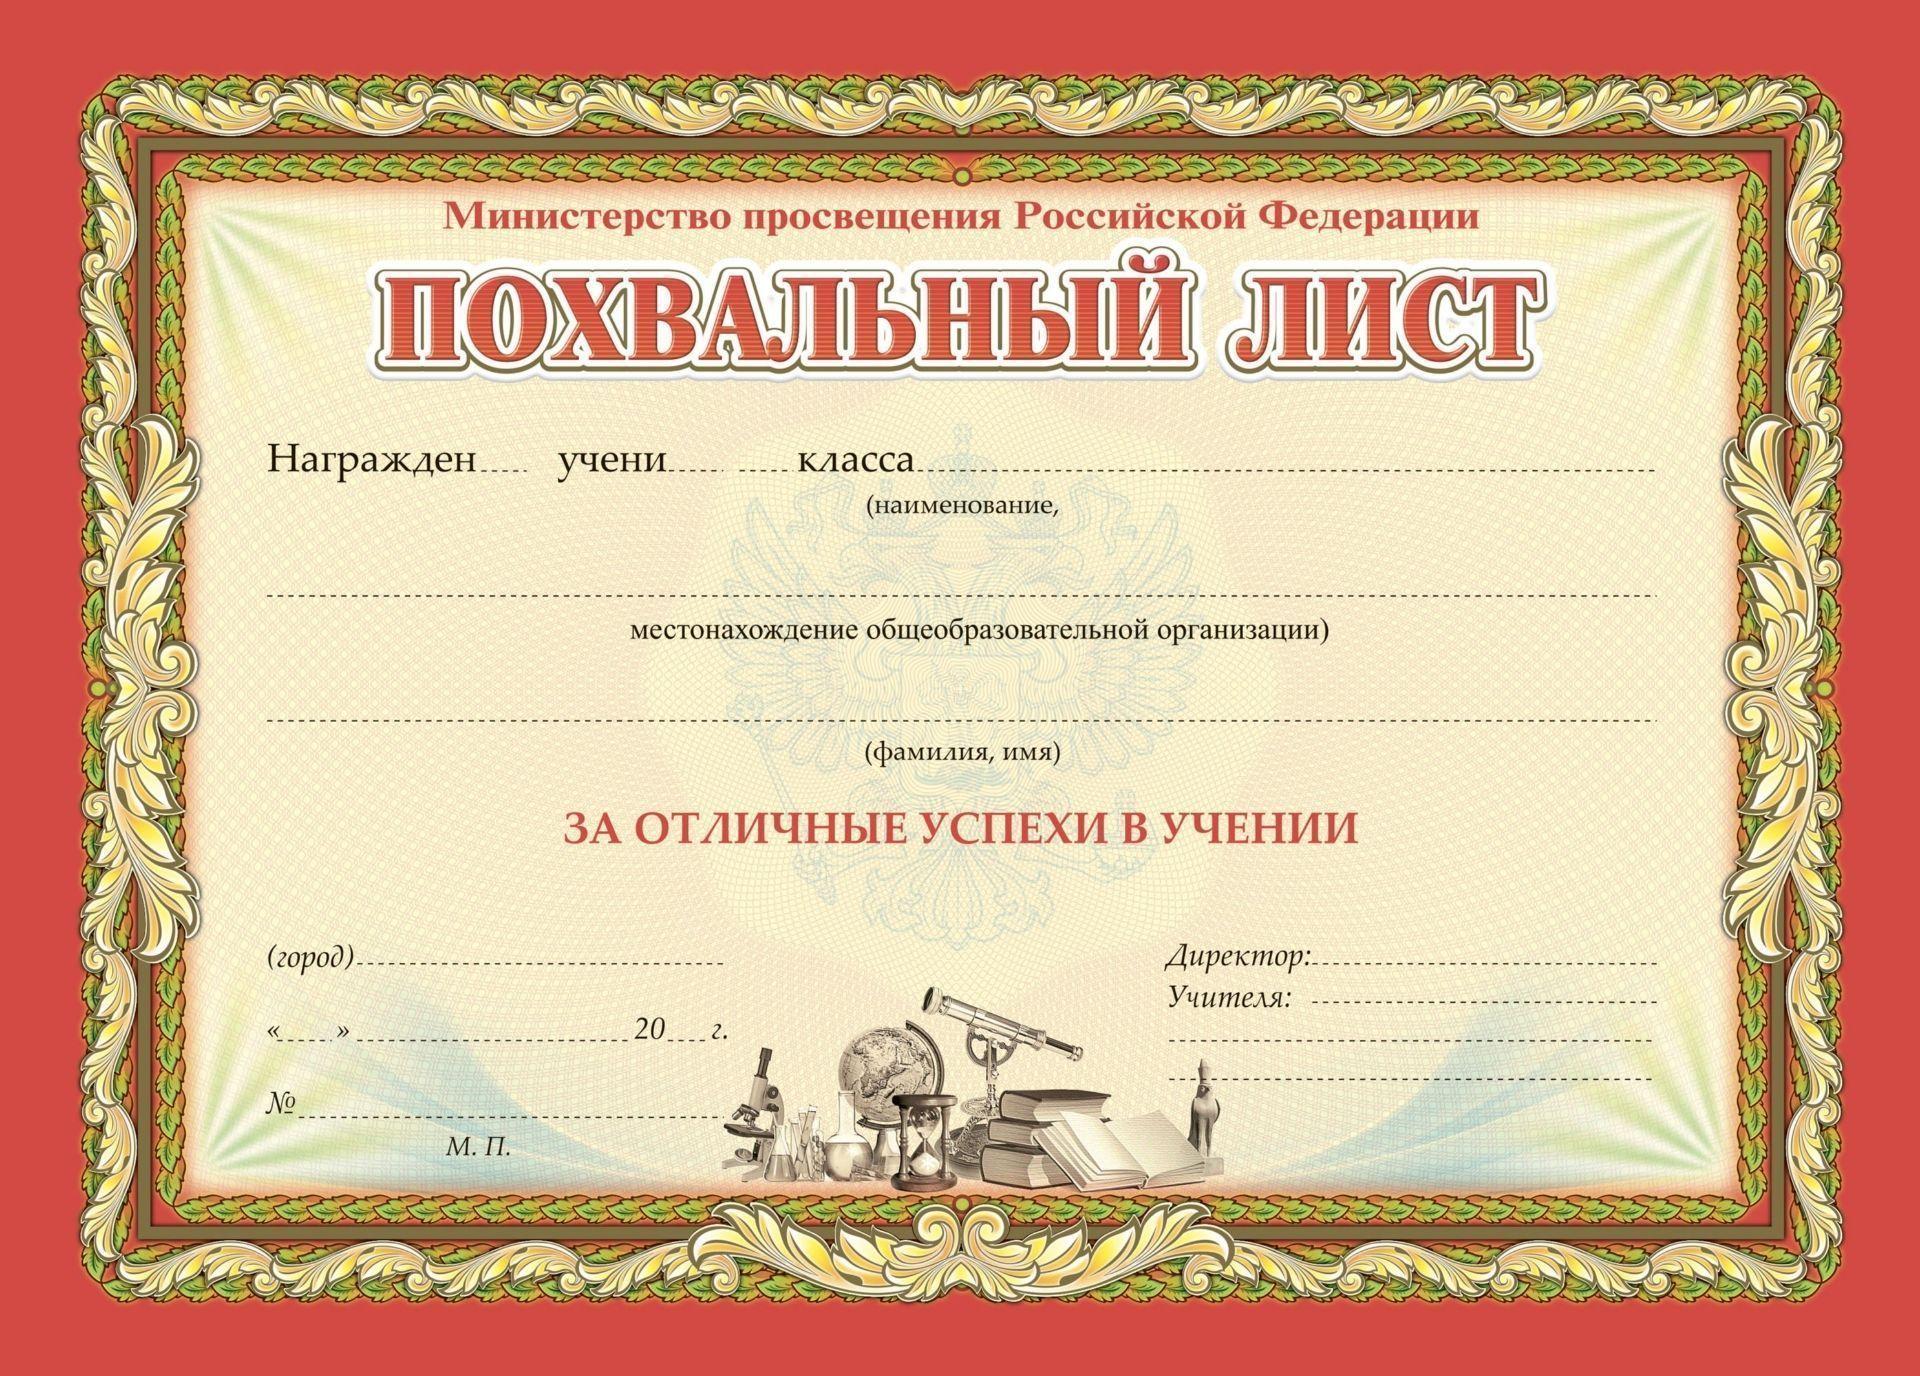 Похвальный лист, с пометкой Министерство образования и науки Российской Федерации (горизонтальный, бронзой)